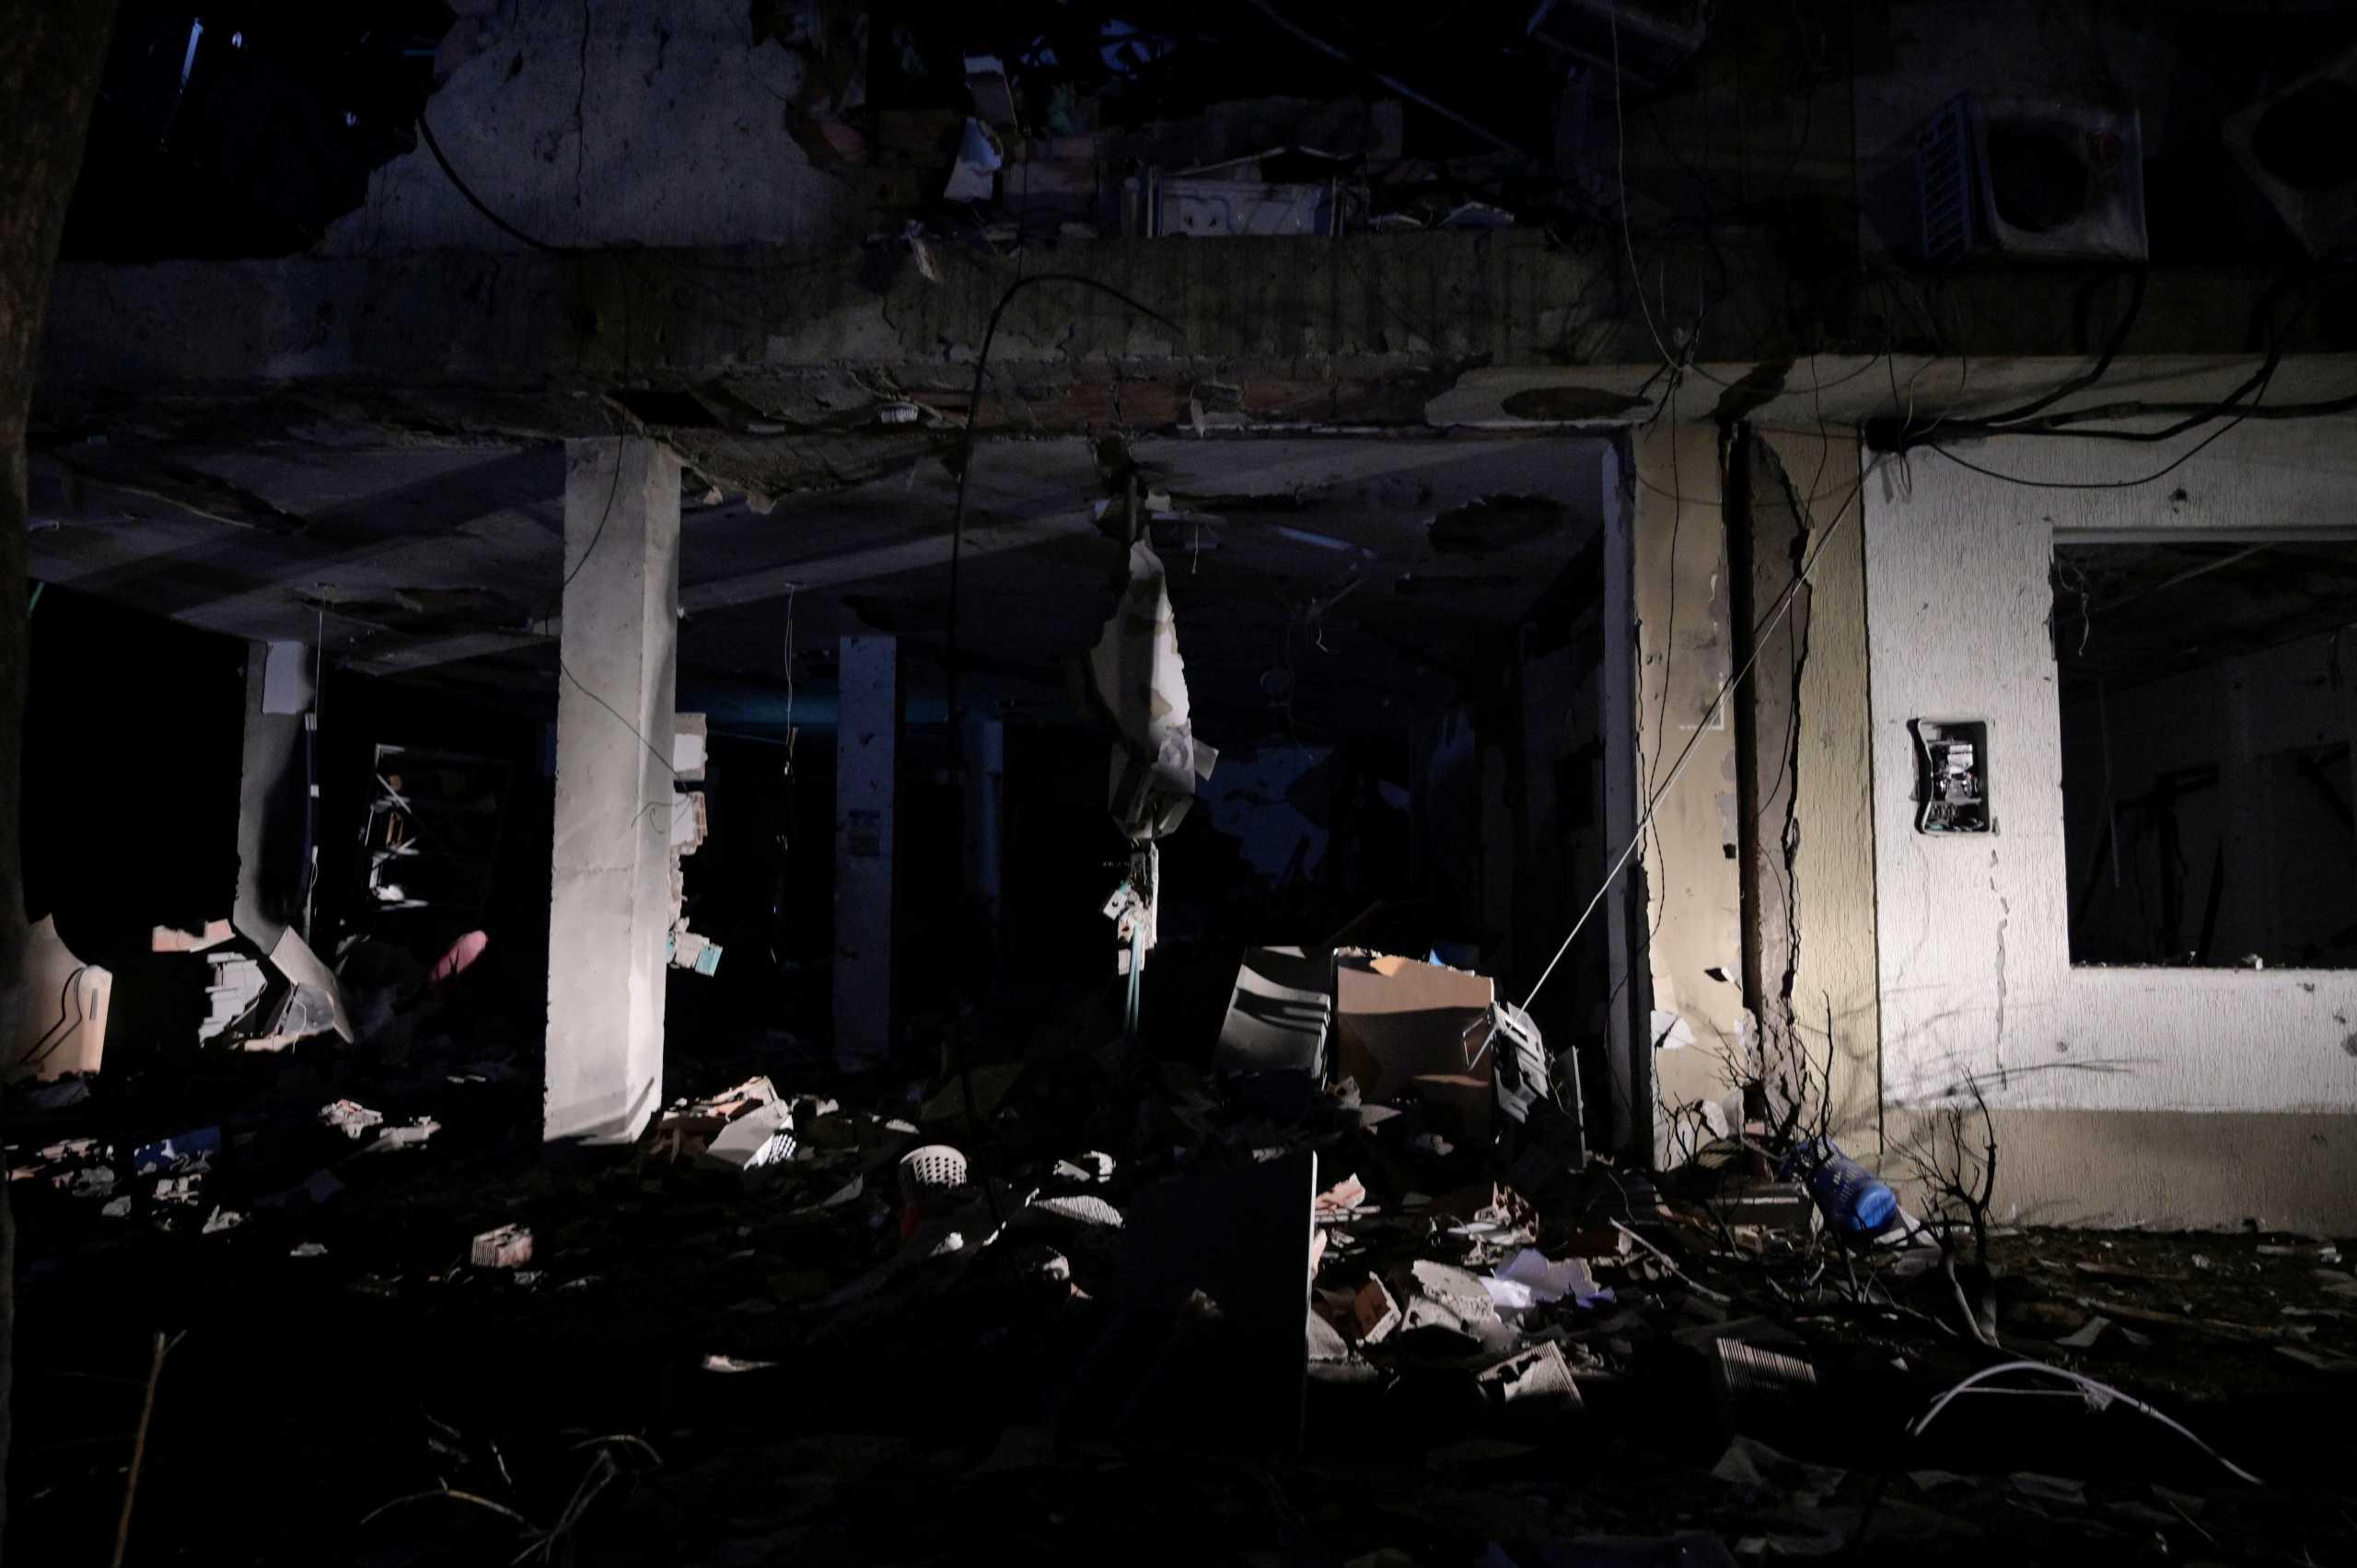 Σερβία: Τρεις τραυματίες μετά από έκρηξη σε εργοστάσιο πυρομαχικών